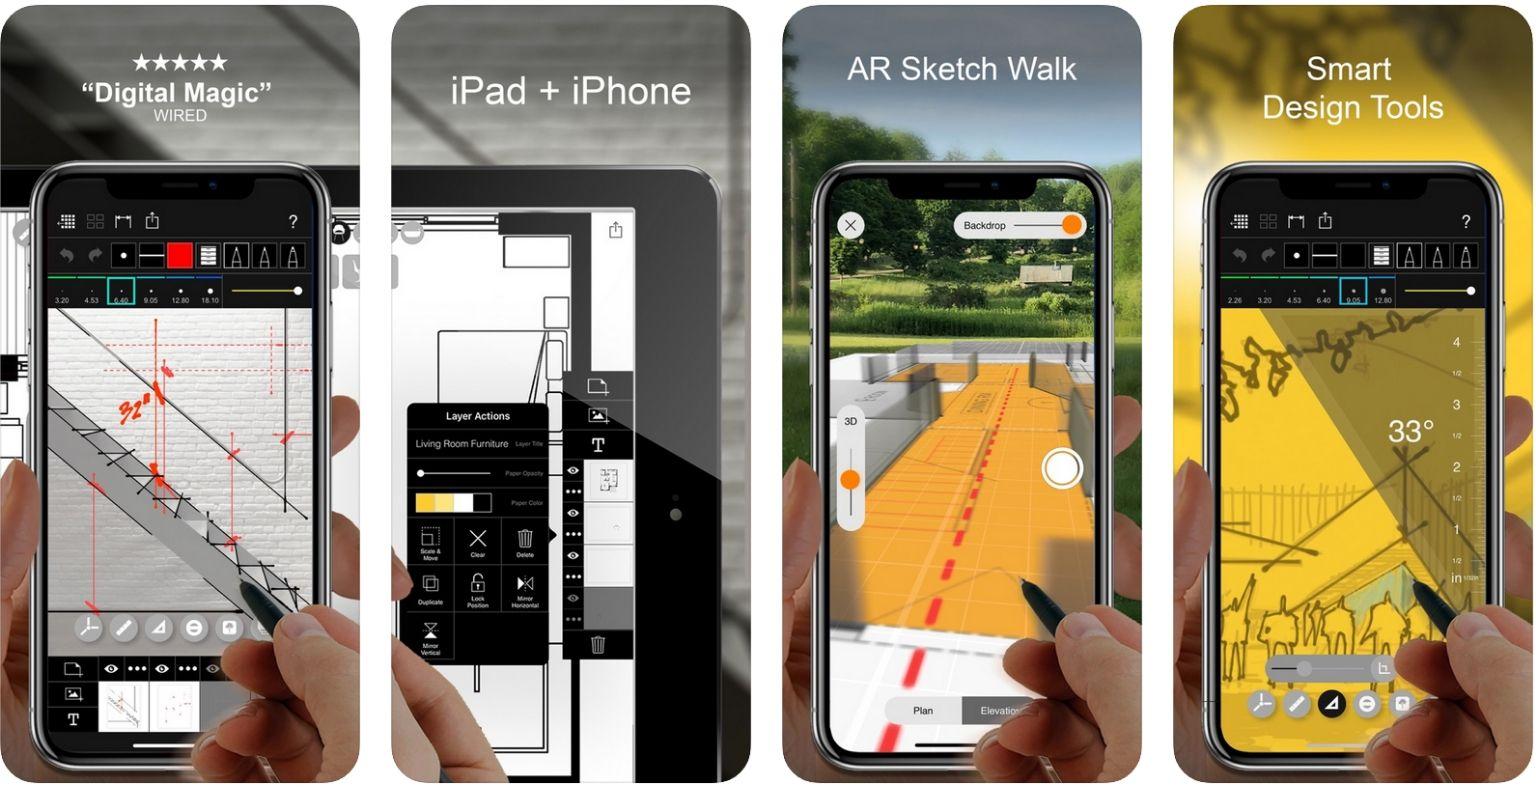 بهترین برنامه ها برای معماران - Morpholio Trace - عکس صفحه آیفون | وبلاگ ArchiSnapper